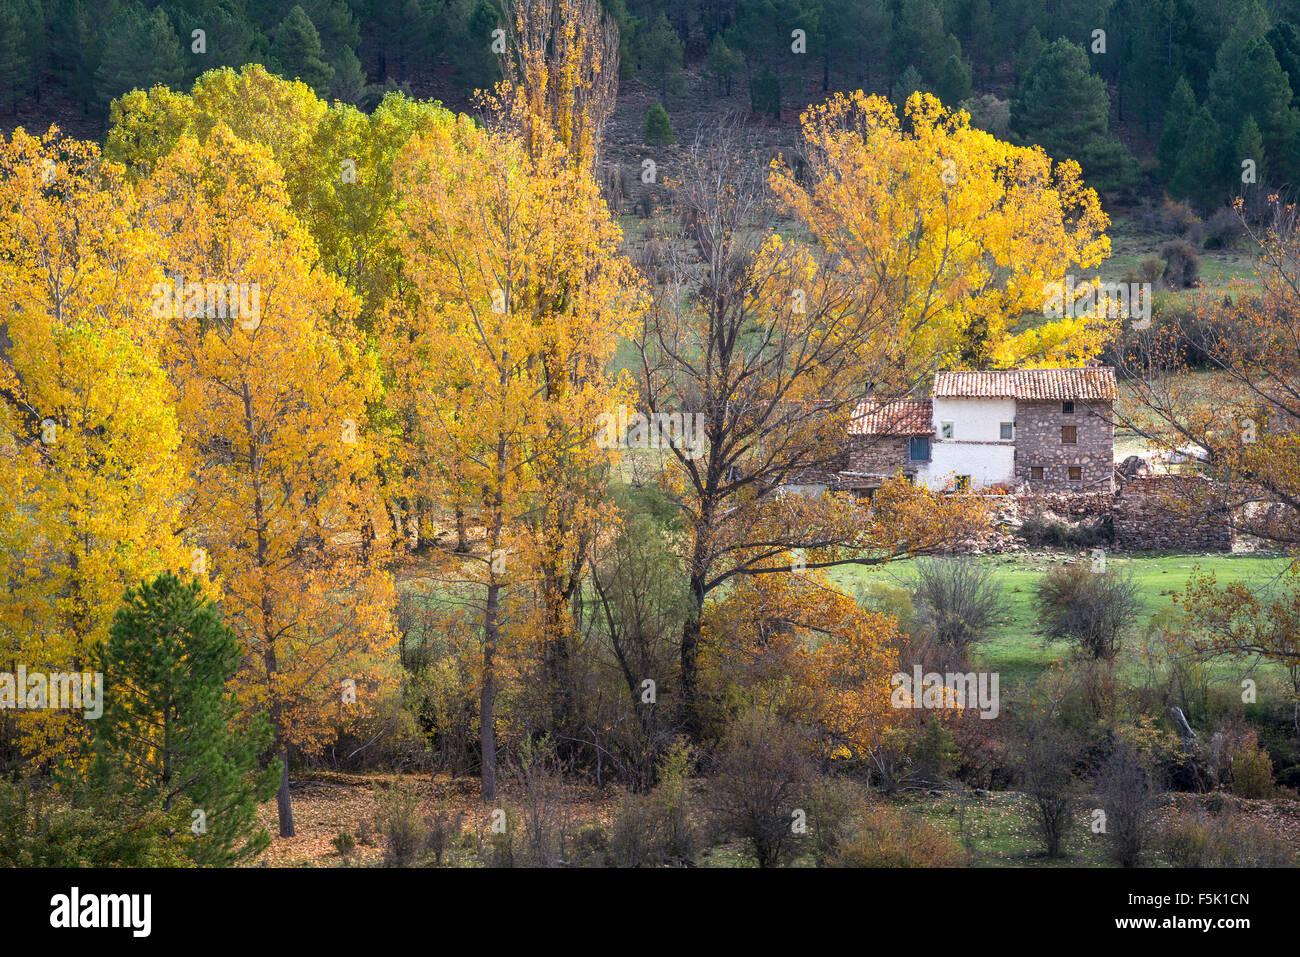 A farm house by the Rio Jucar on the road from Una to Huelamo in the Serrania de Cuenca, Castilla-la mancha, Central - Stock Image